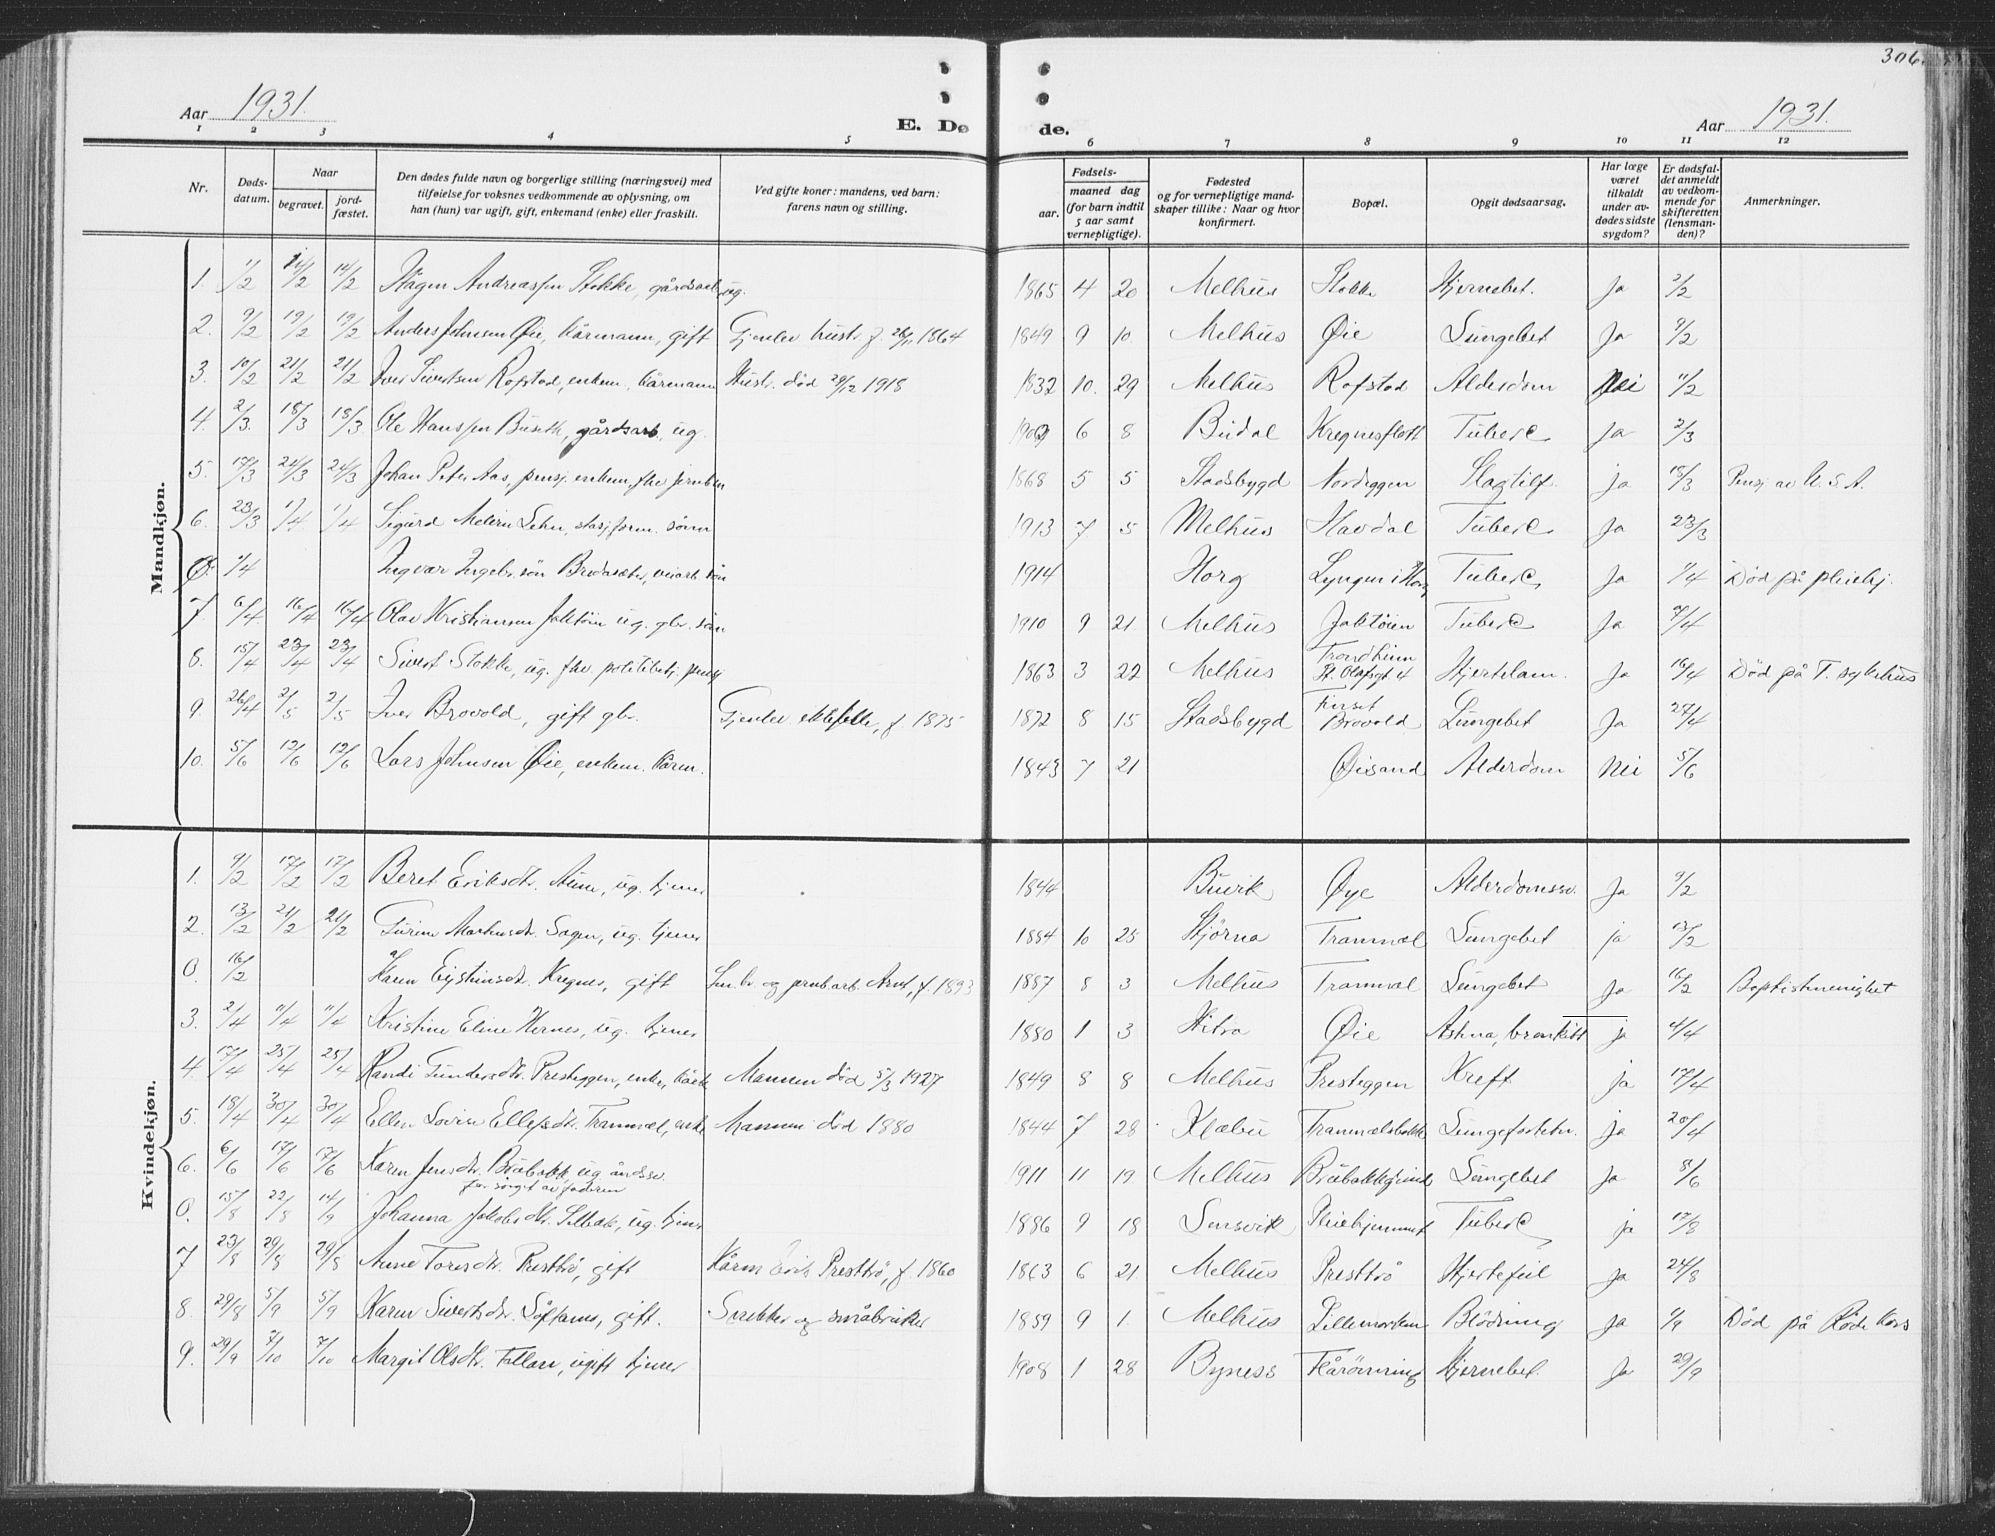 SAT, Ministerialprotokoller, klokkerbøker og fødselsregistre - Sør-Trøndelag, 691/L1095: Klokkerbok nr. 691C06, 1912-1933, s. 306